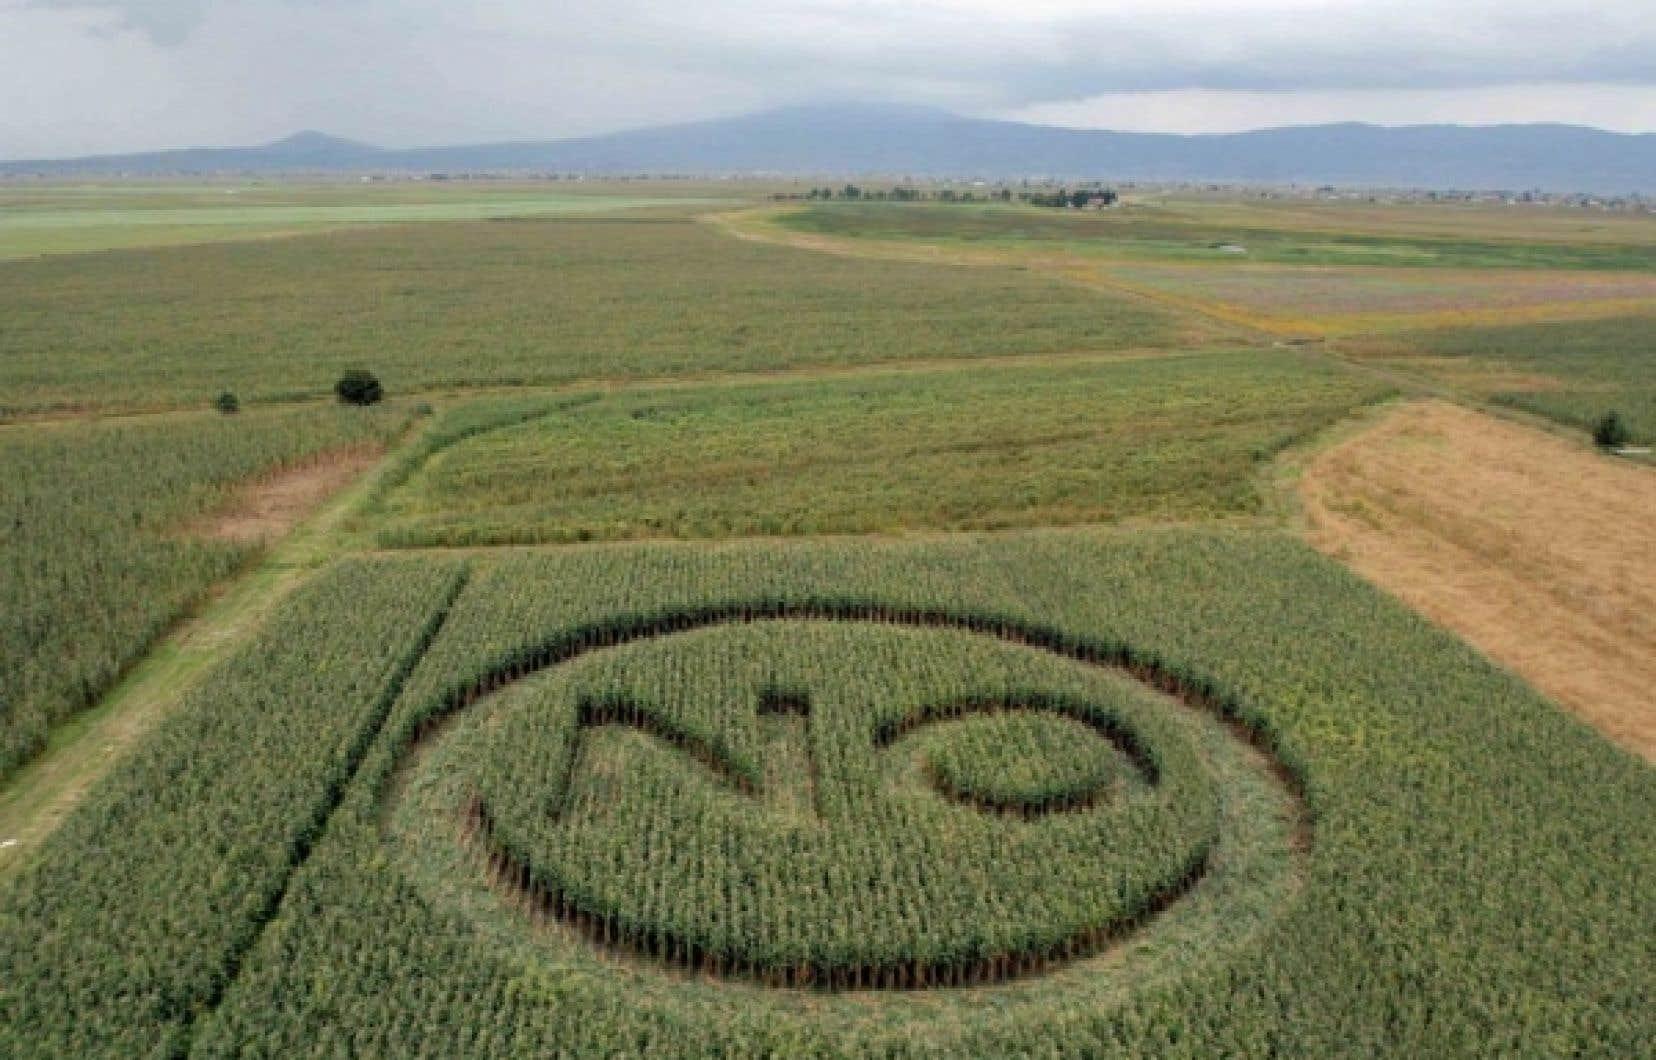 Des activistes de Greenpeace ont laissé leur marque dans ce champ mexicain, en guise de protestation contre les organismes génétiquement modifiés.